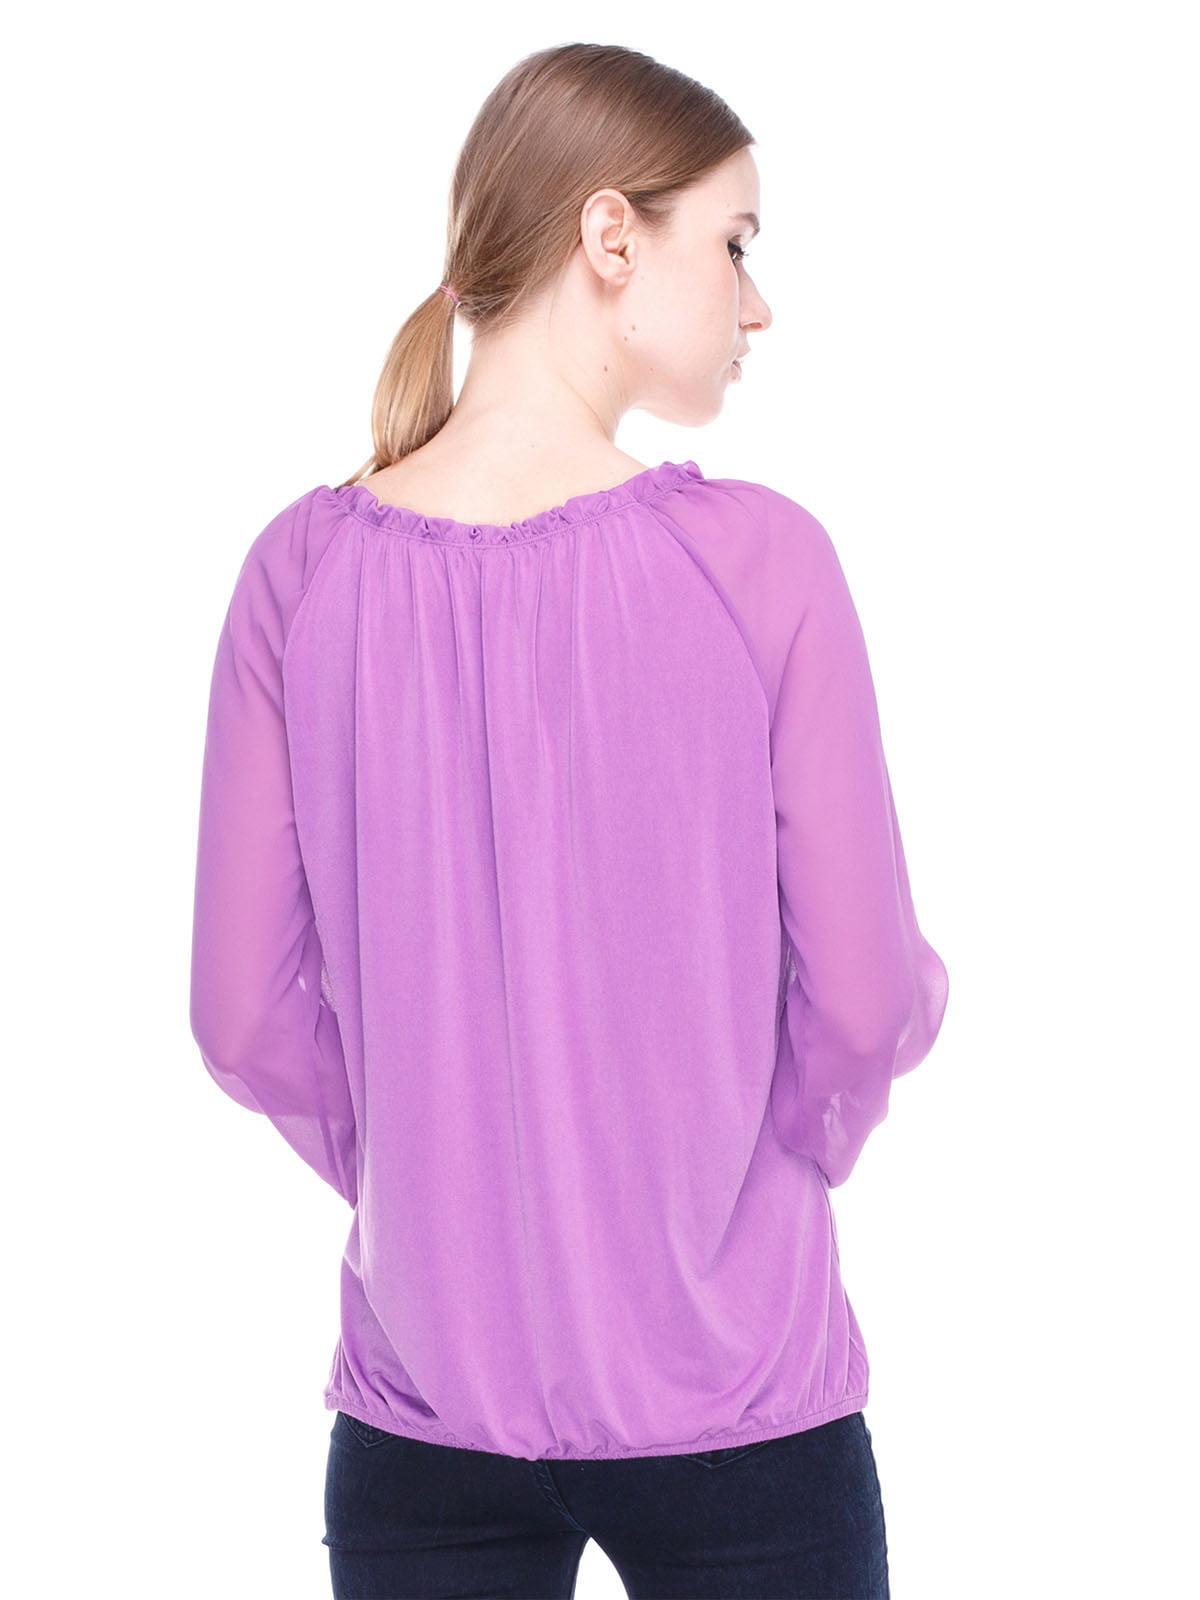 Блуза бузкова   4180425   фото 2